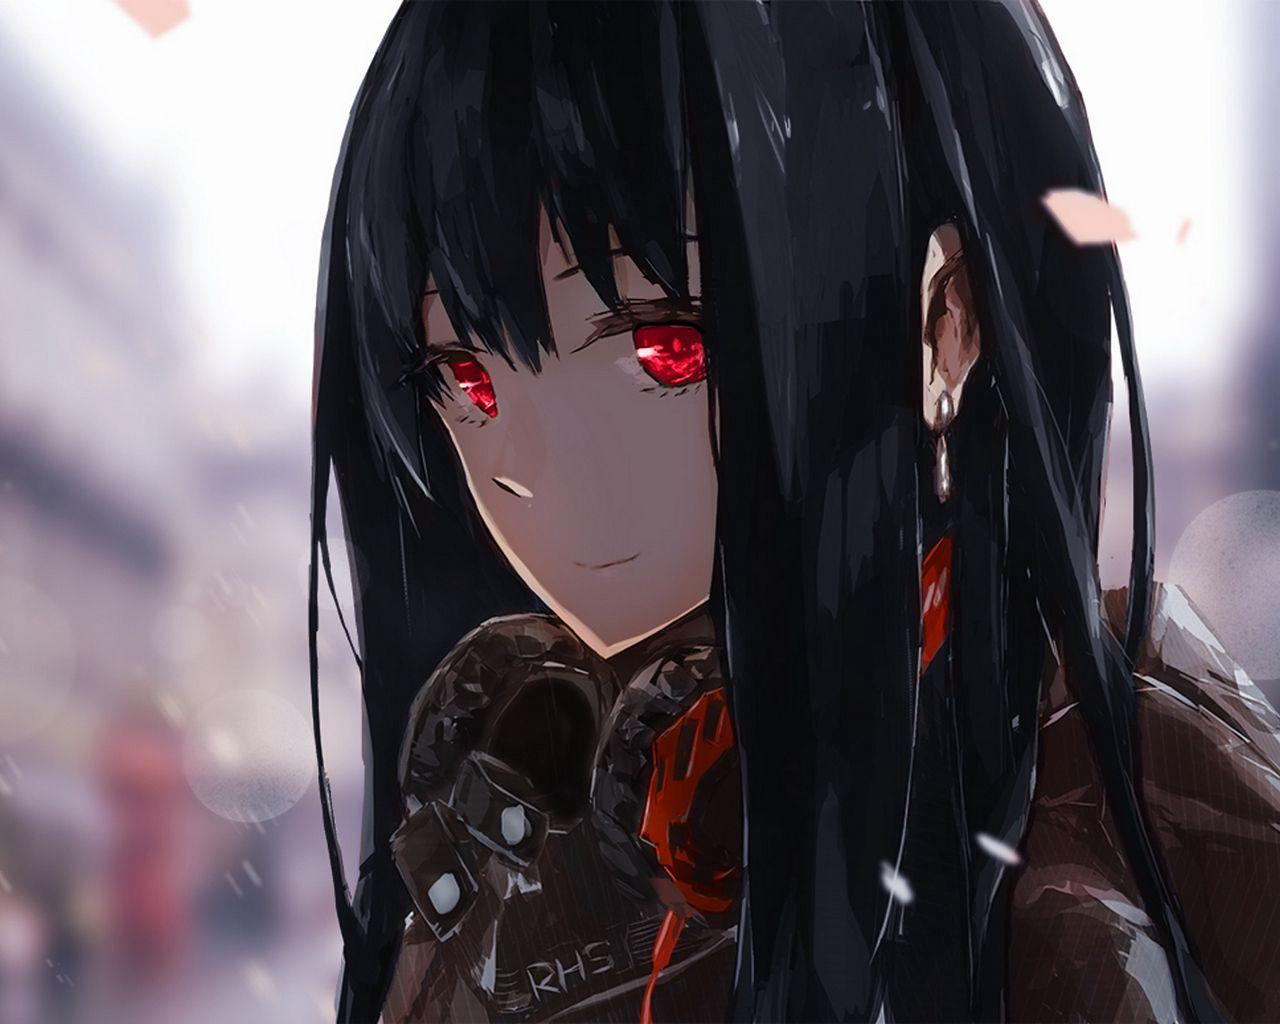 Pin by CashieLazuka on anime  Anime blue hair, Anime black hair